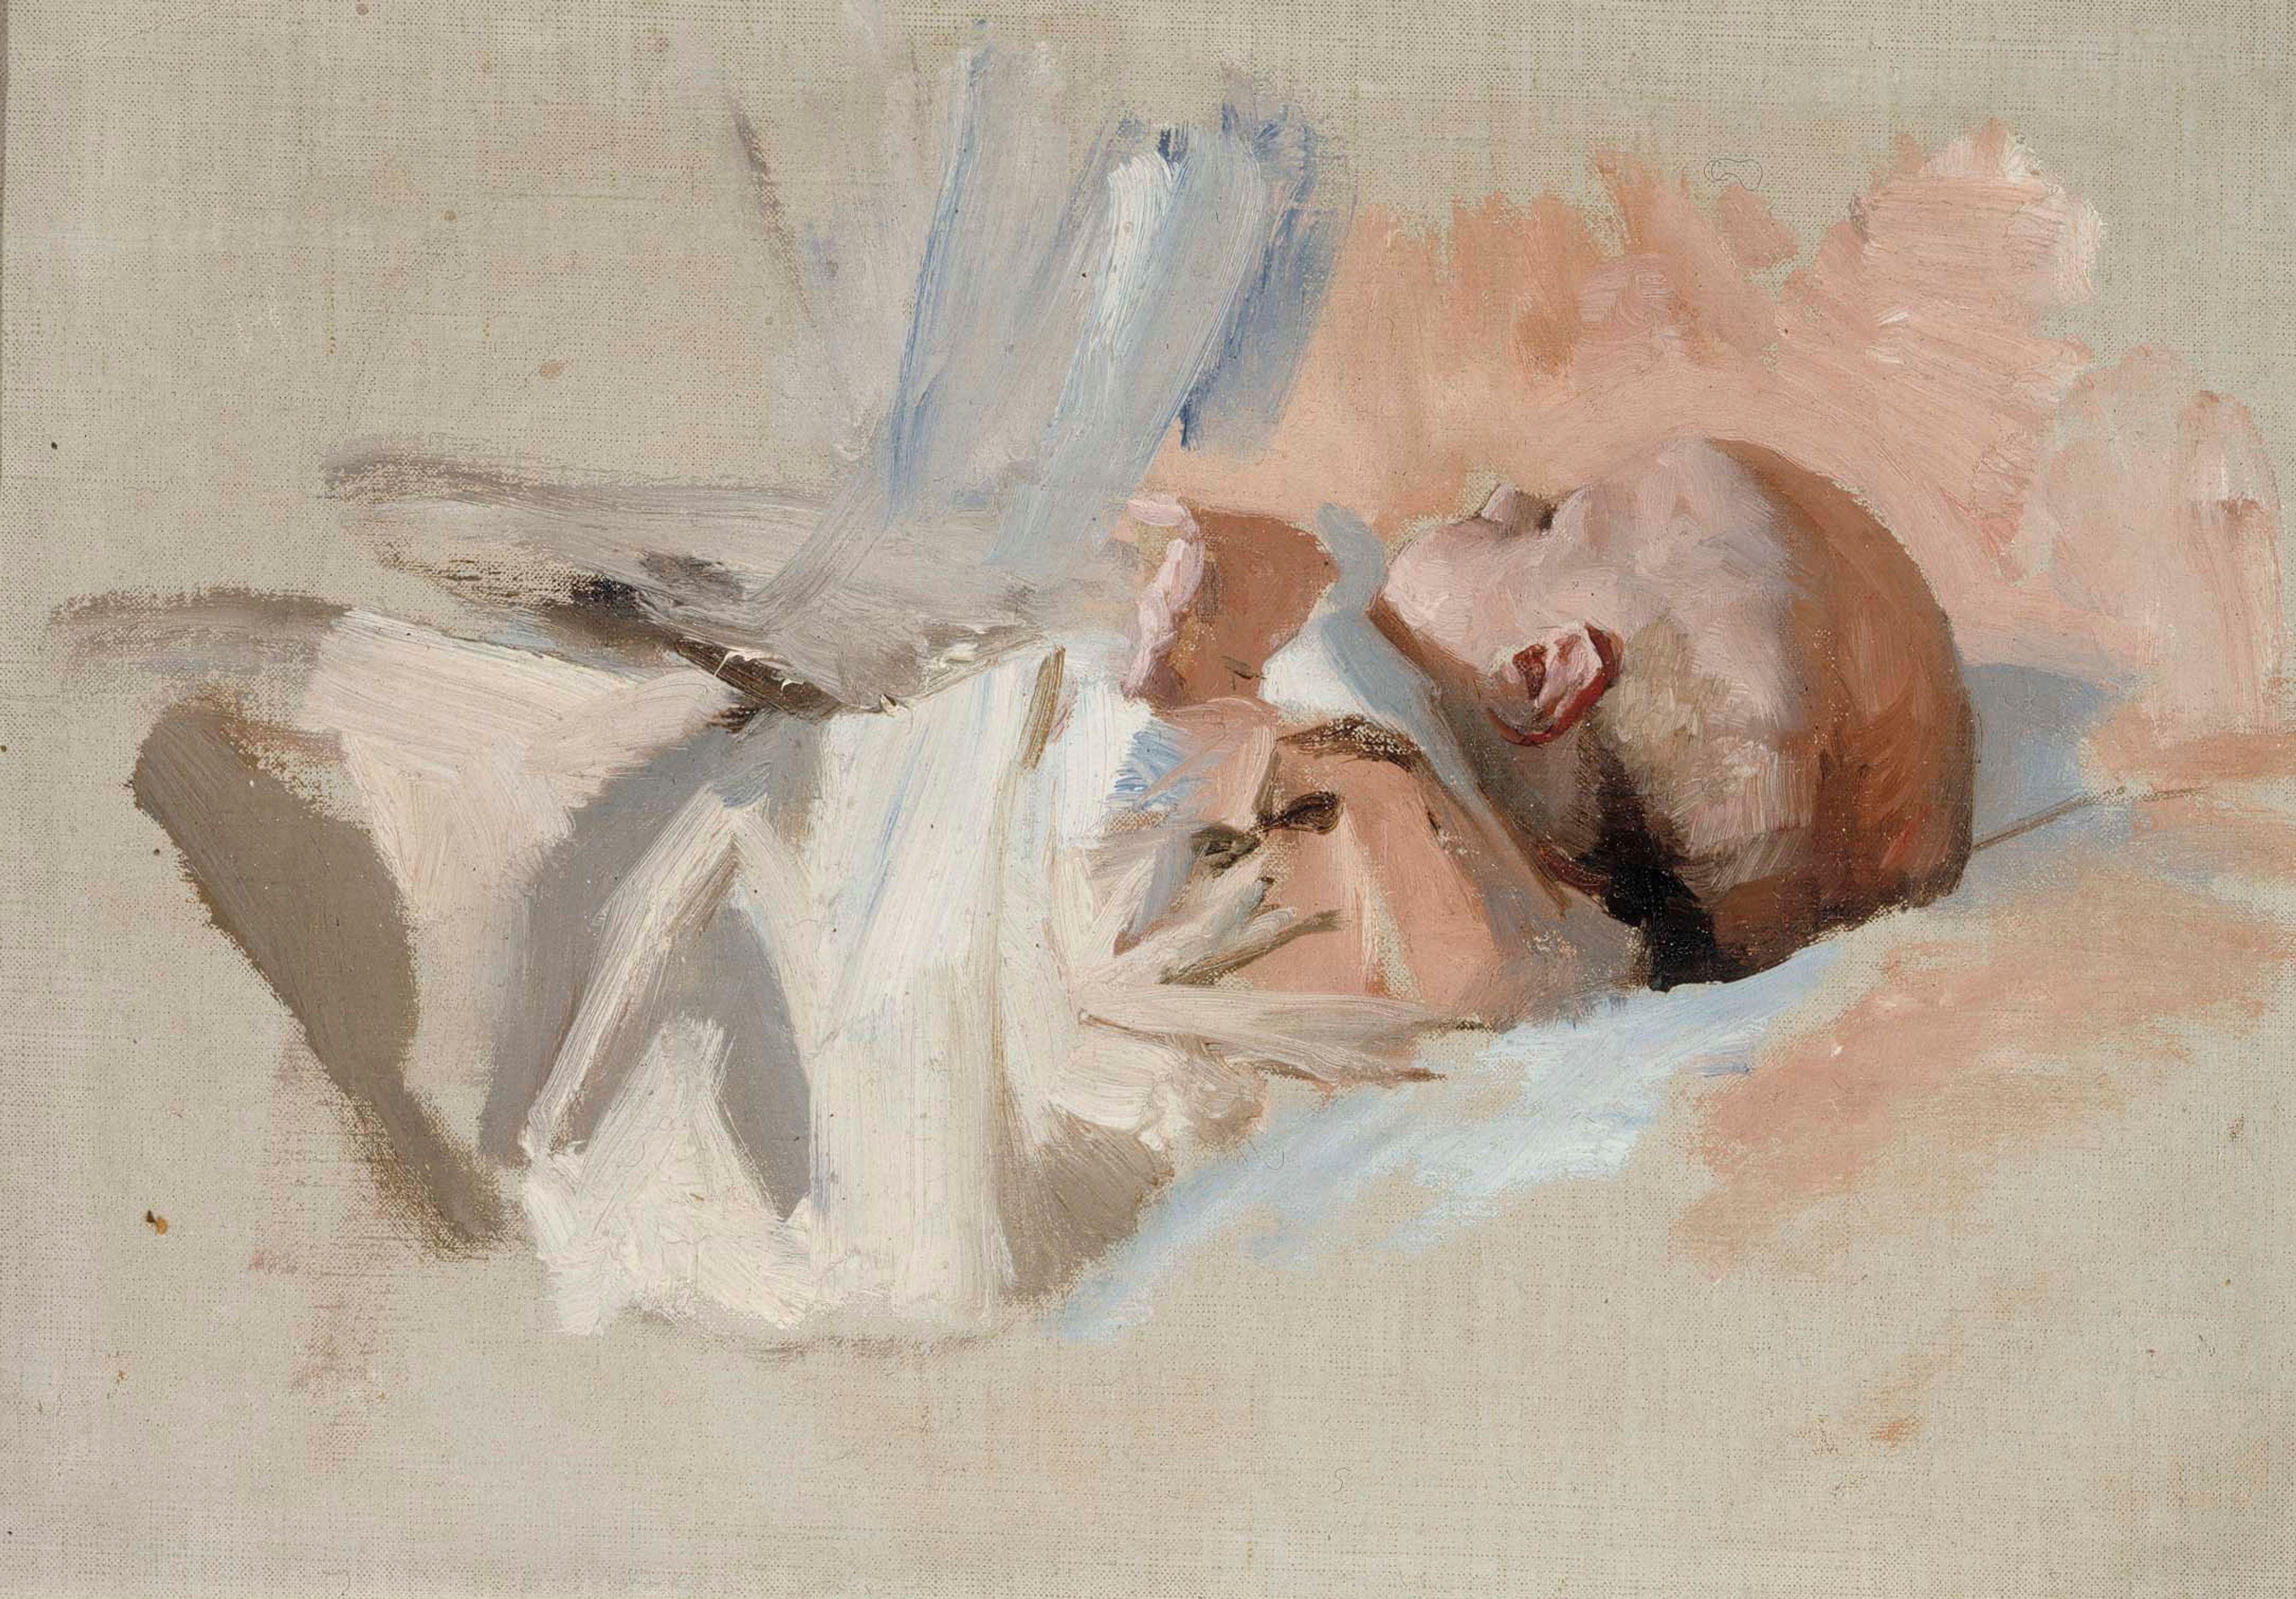 seurasaari joulu 2018 File:Albert Edelfelt   Makaava lapsi, luonnos maalaukseen  seurasaari joulu 2018